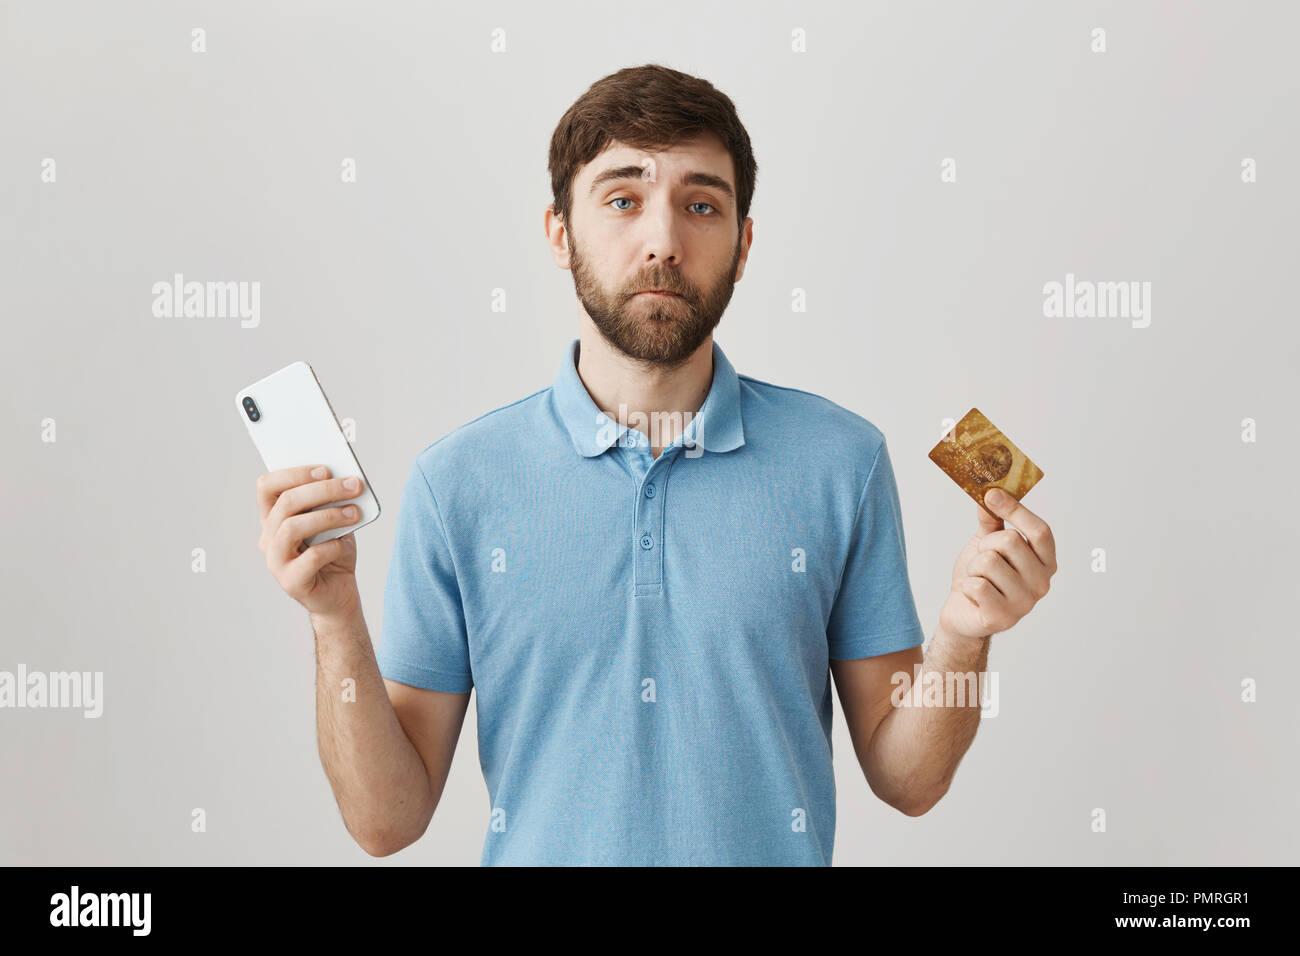 Inútil tarjeta de crédito con saldo insuficiente. Sombrío retrato del joven barbudo disgustó guy celebración smartphone y tarjeta bancaria, teniendo problemas con el pago en línea, erguido sobre fondo gris Foto de stock